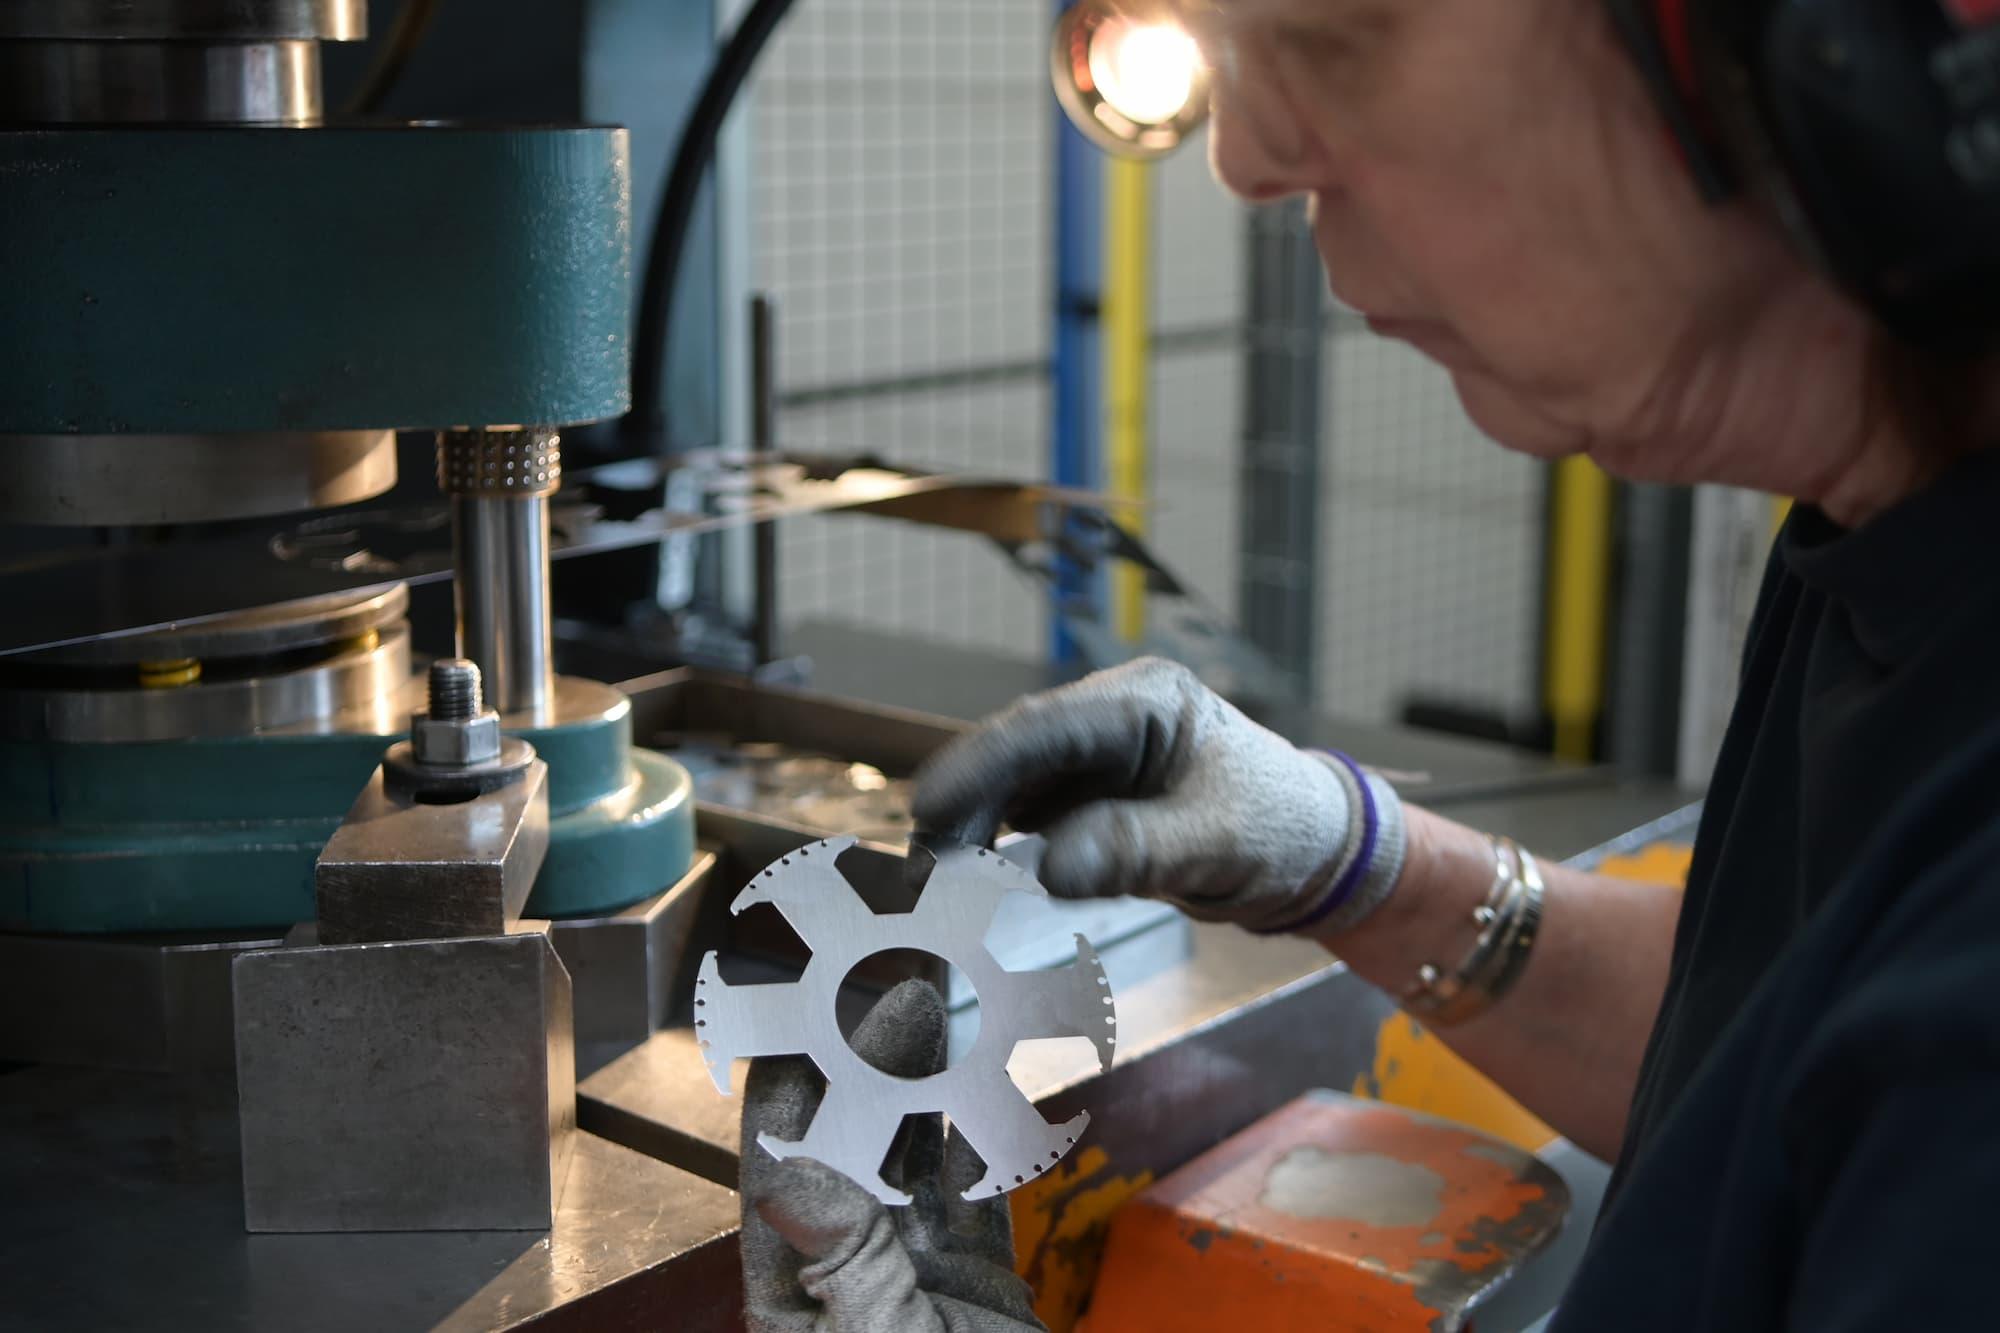 Réalisation des outillages, le prototypage, la découpe de pièces mécaniques